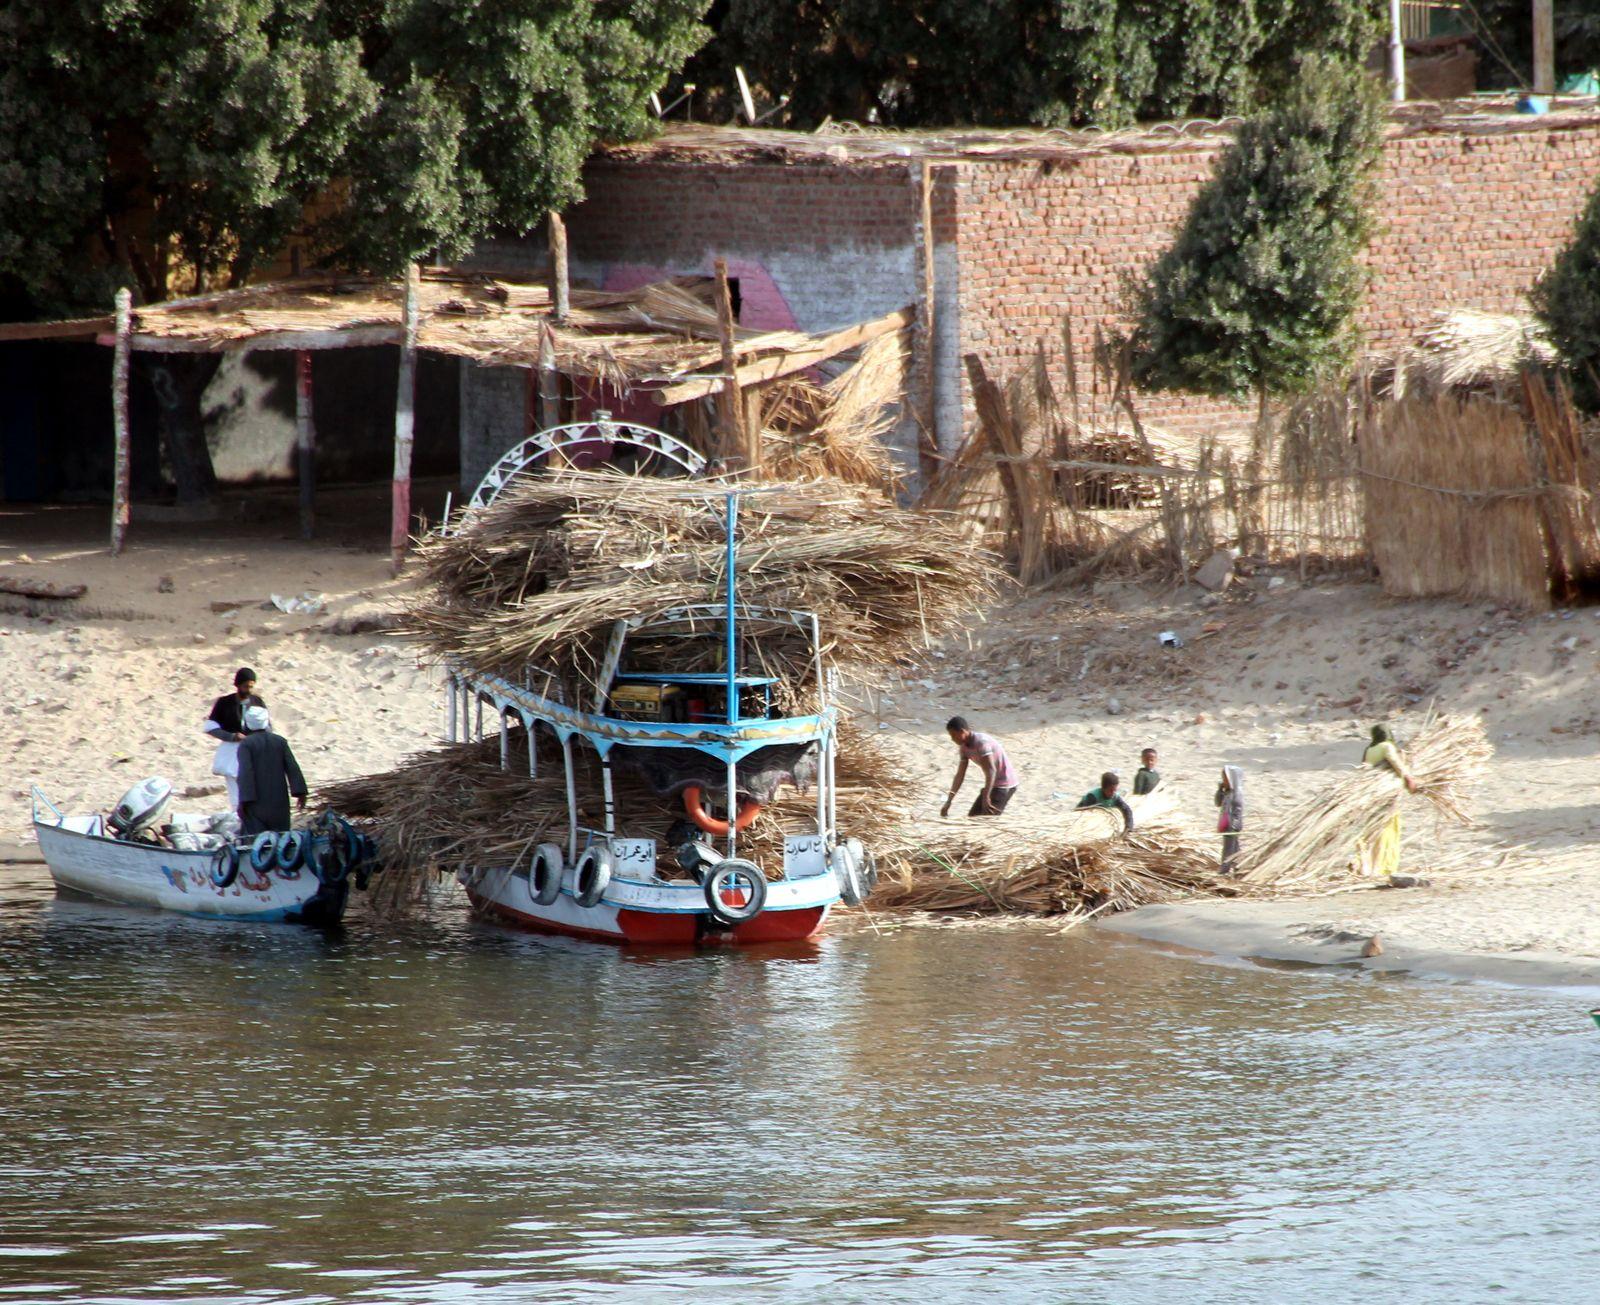 Tarameya, les falafels égyptiens aux fèves - Balade égyptienne : scènes de vie